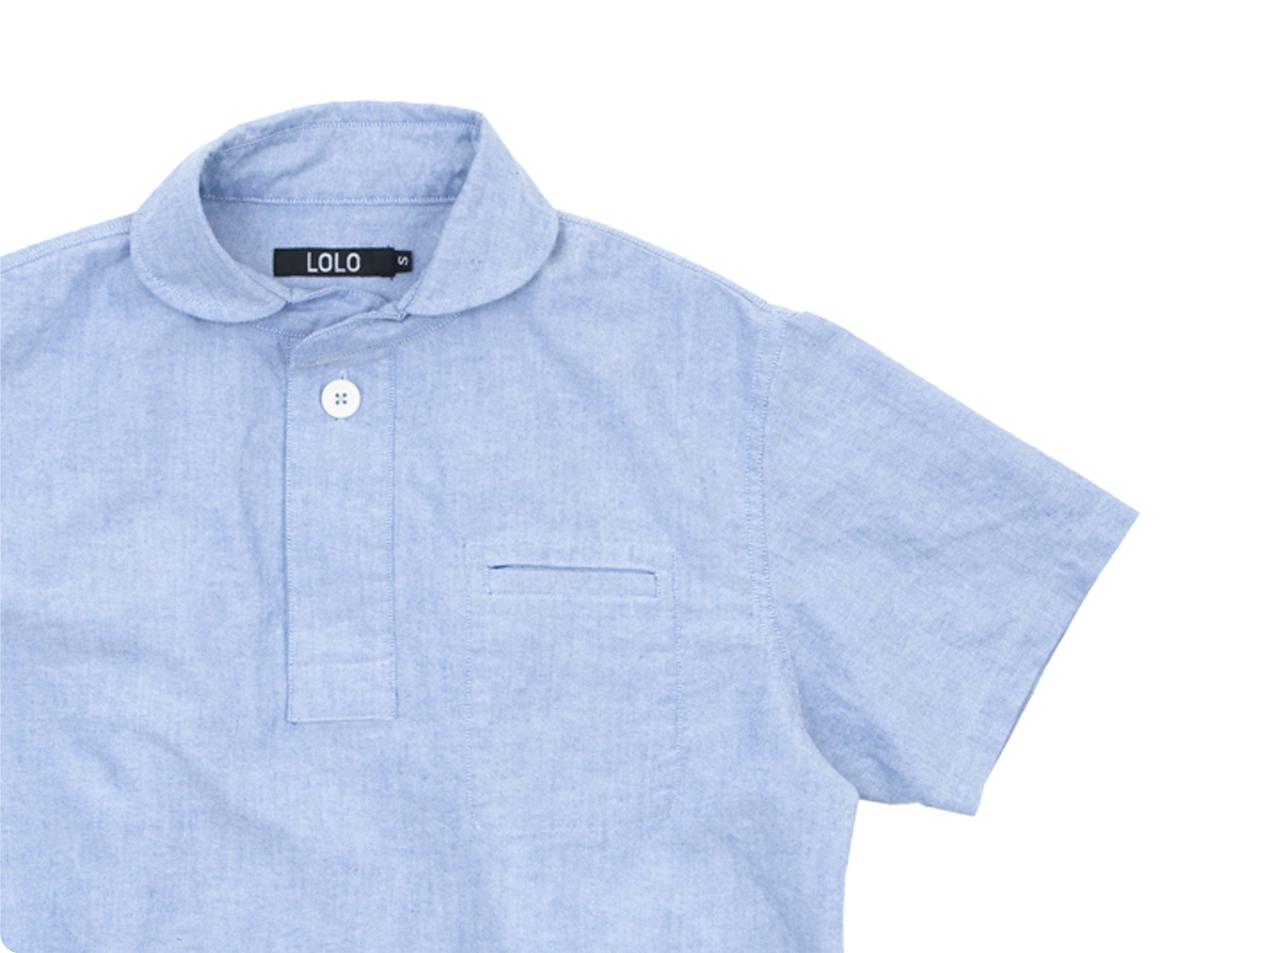 LOLO コットンプルオーバーシャツ 半袖